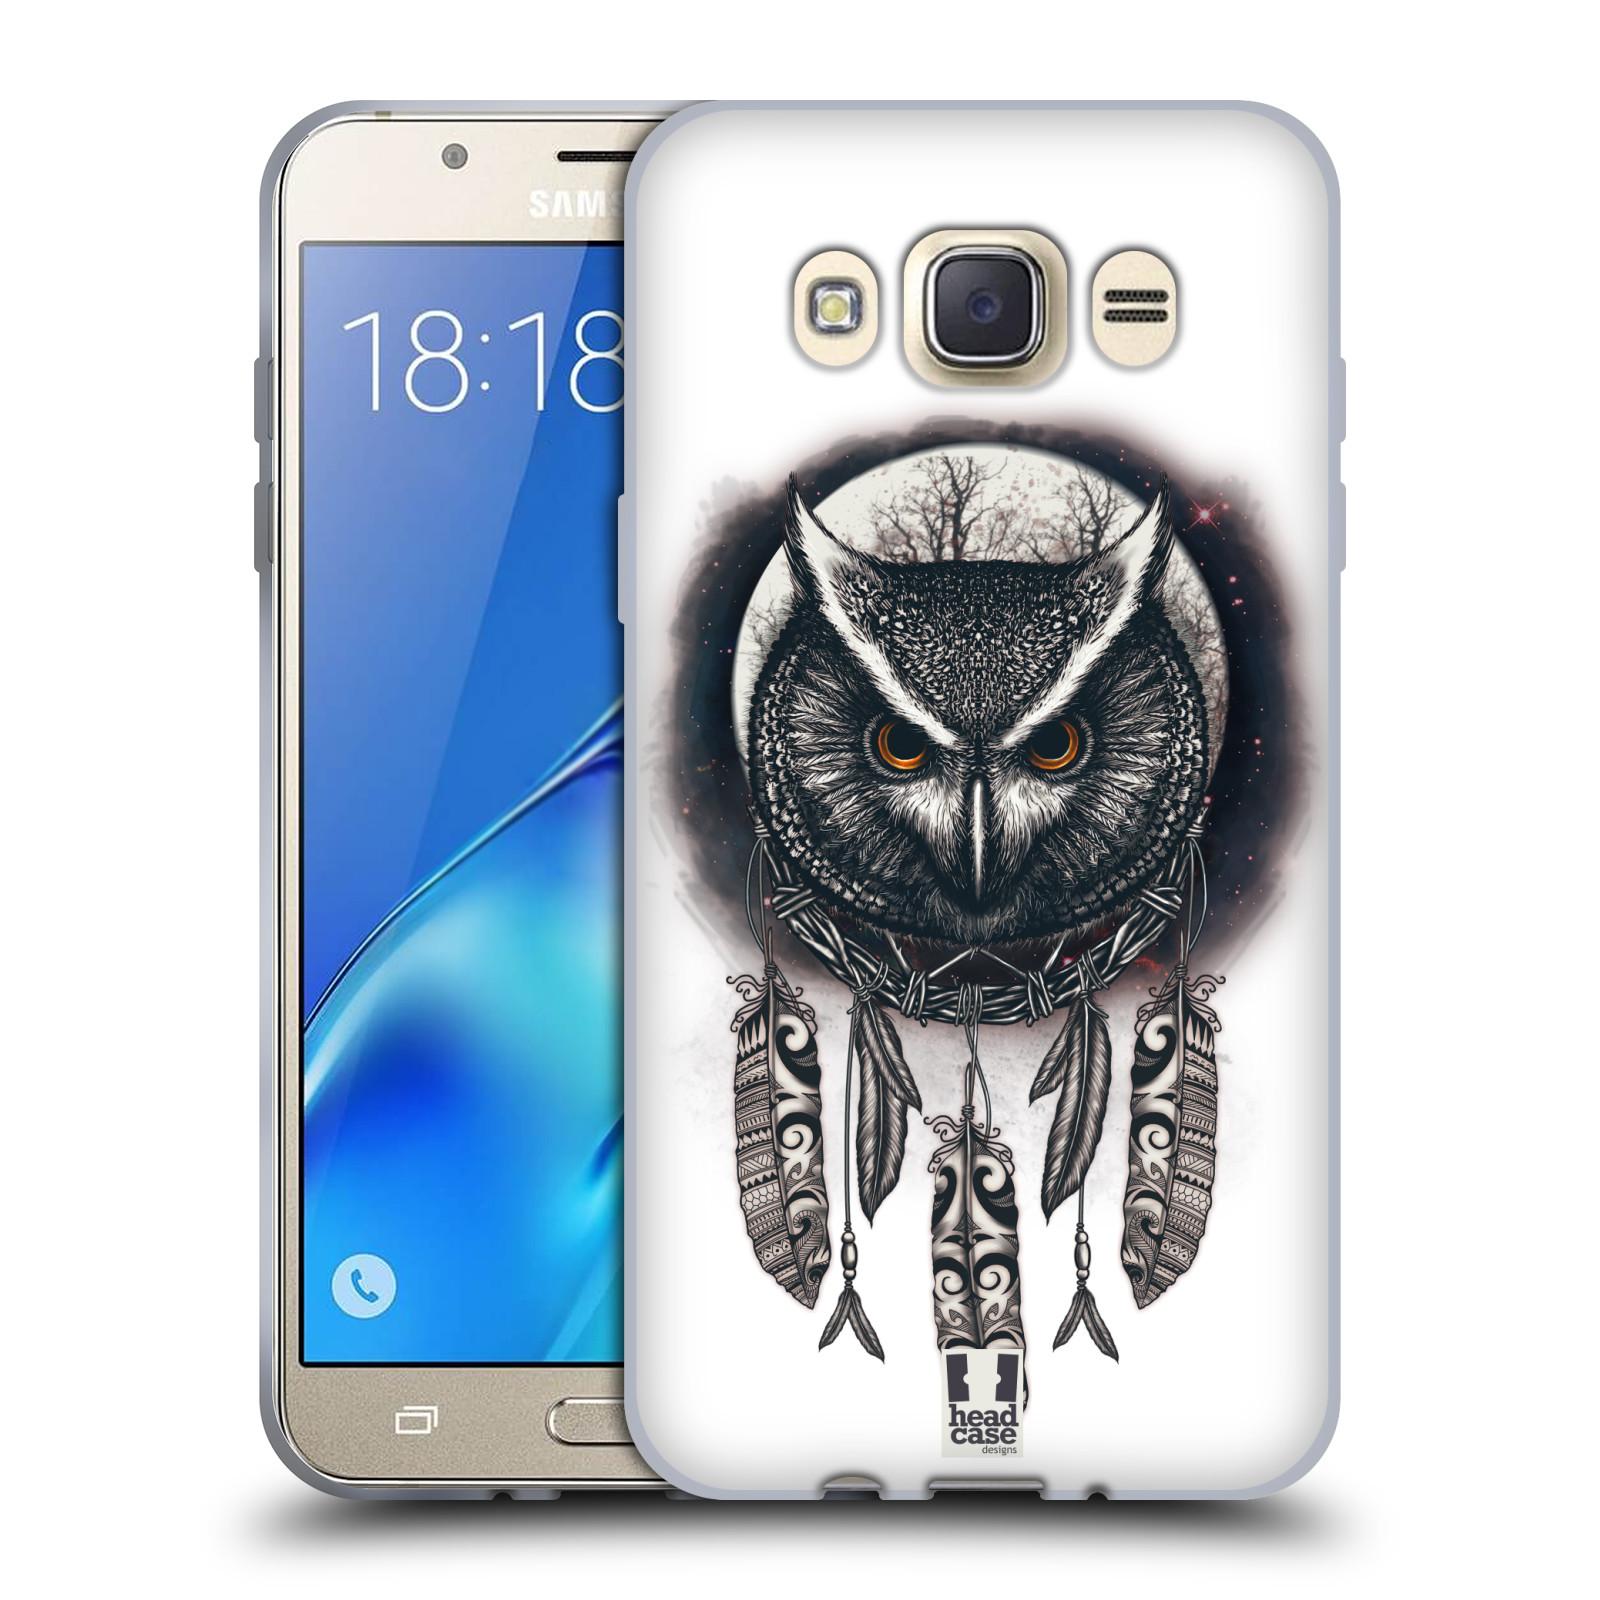 Silikonové pouzdro na mobil Samsung Galaxy J7 (2016) - Head Case - Soví lapač